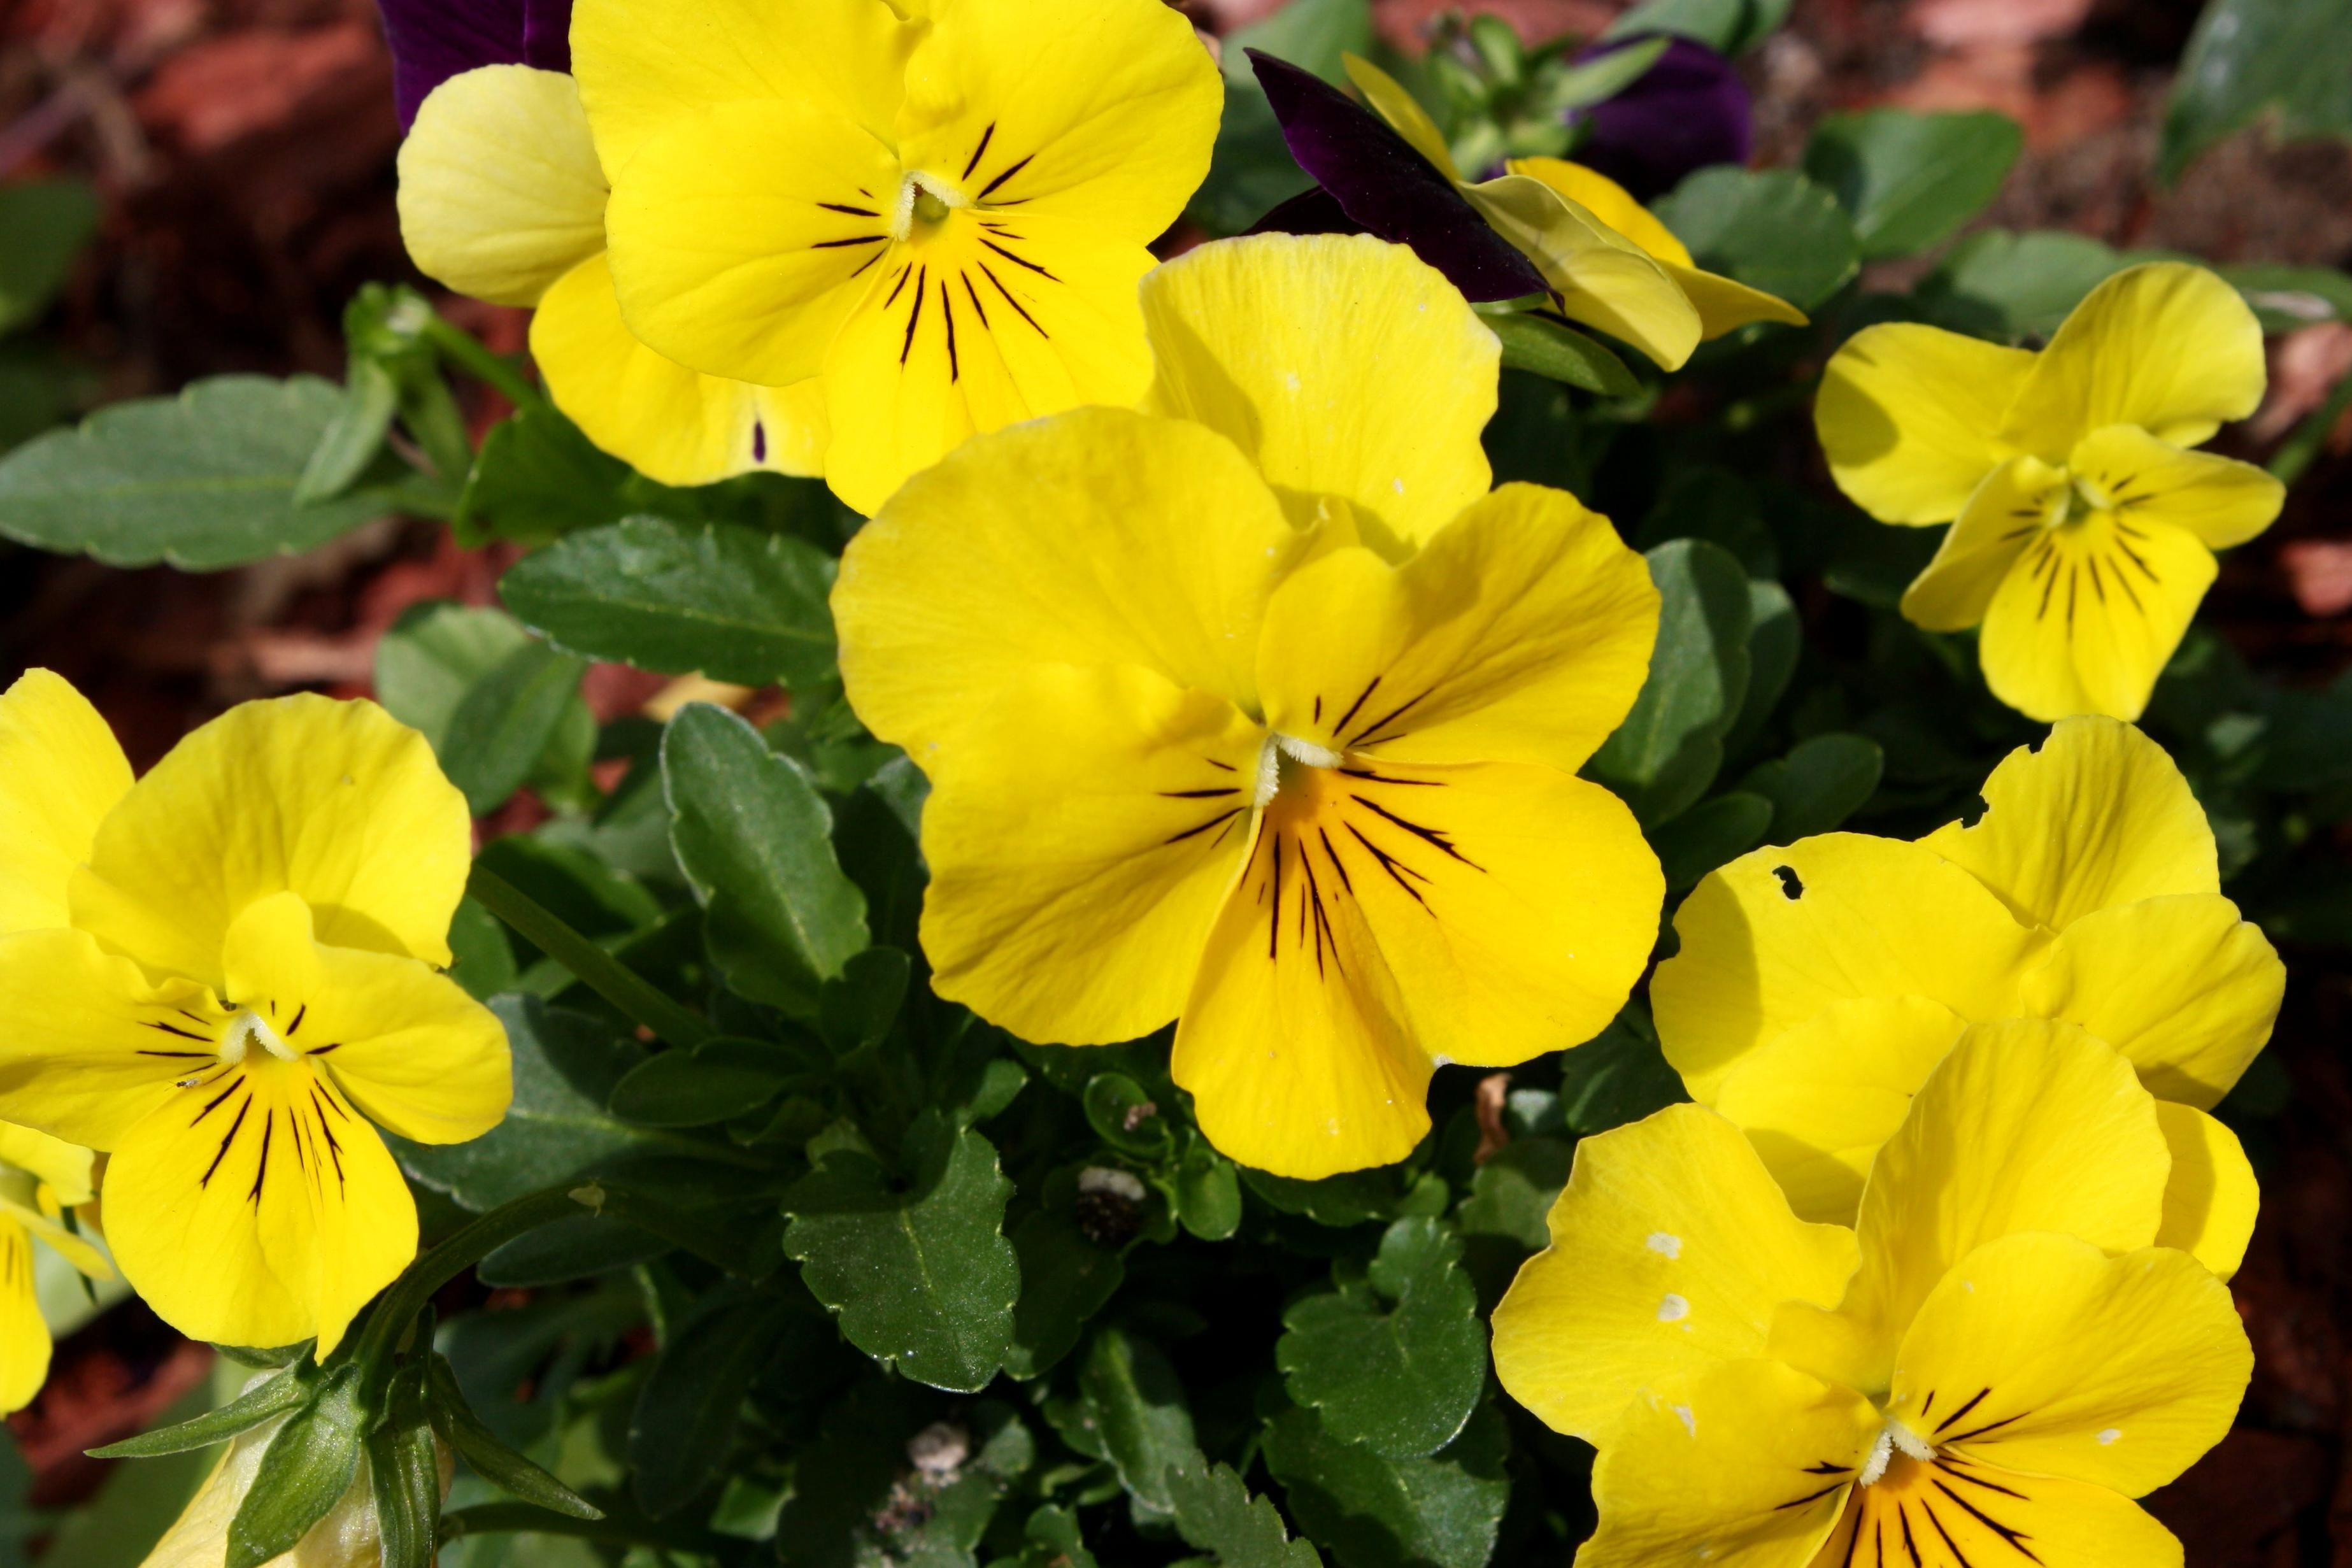 Foto gratis fiori gialli giardino for Giardino fiori